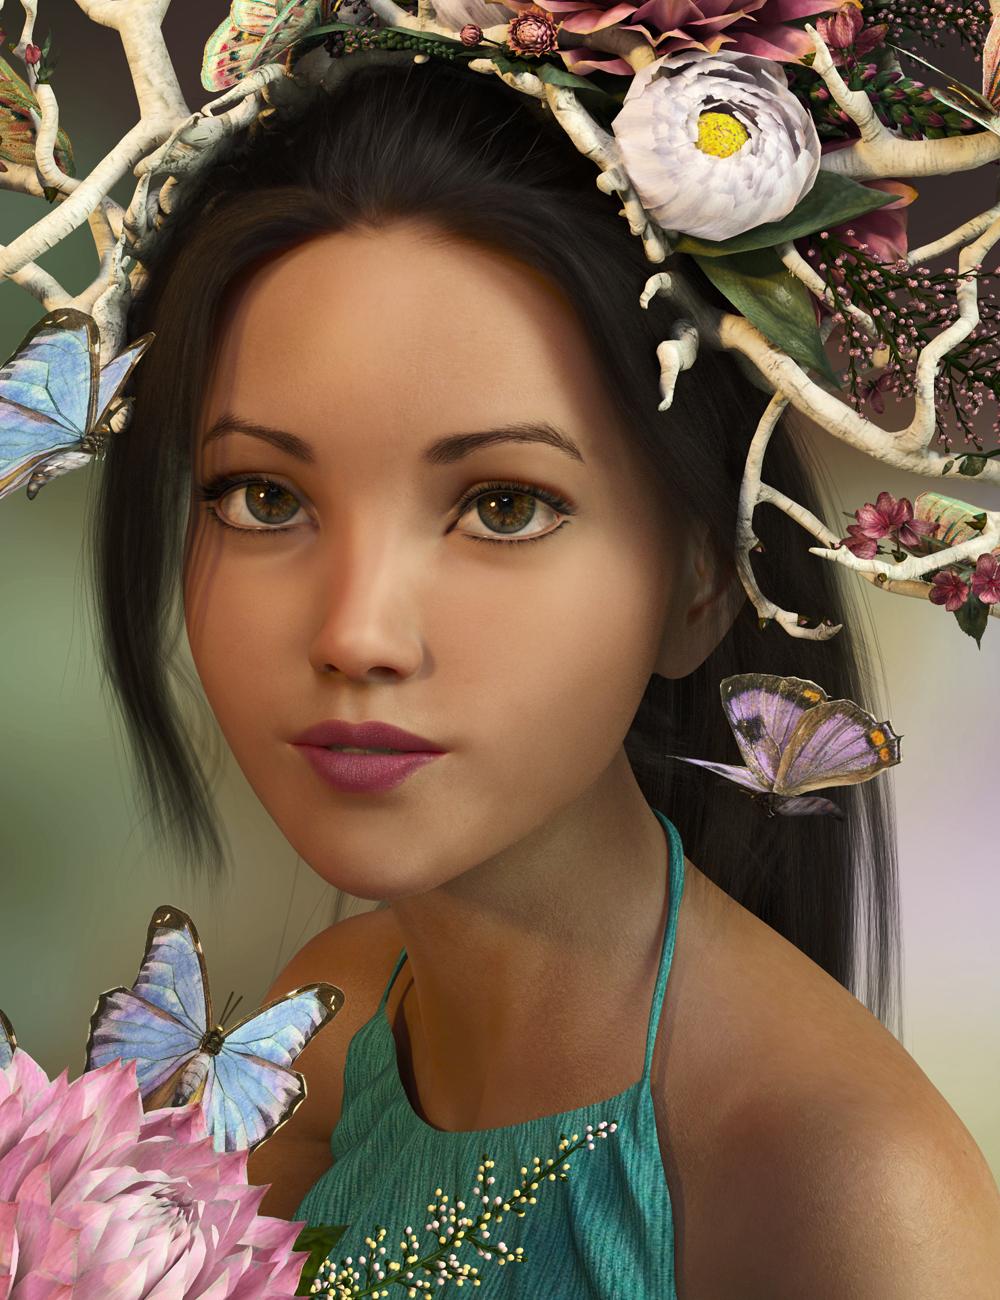 Pix Braelyn for Genesis 8 Female & Aiko 8 by: Pixeluna, 3D Models by Daz 3D